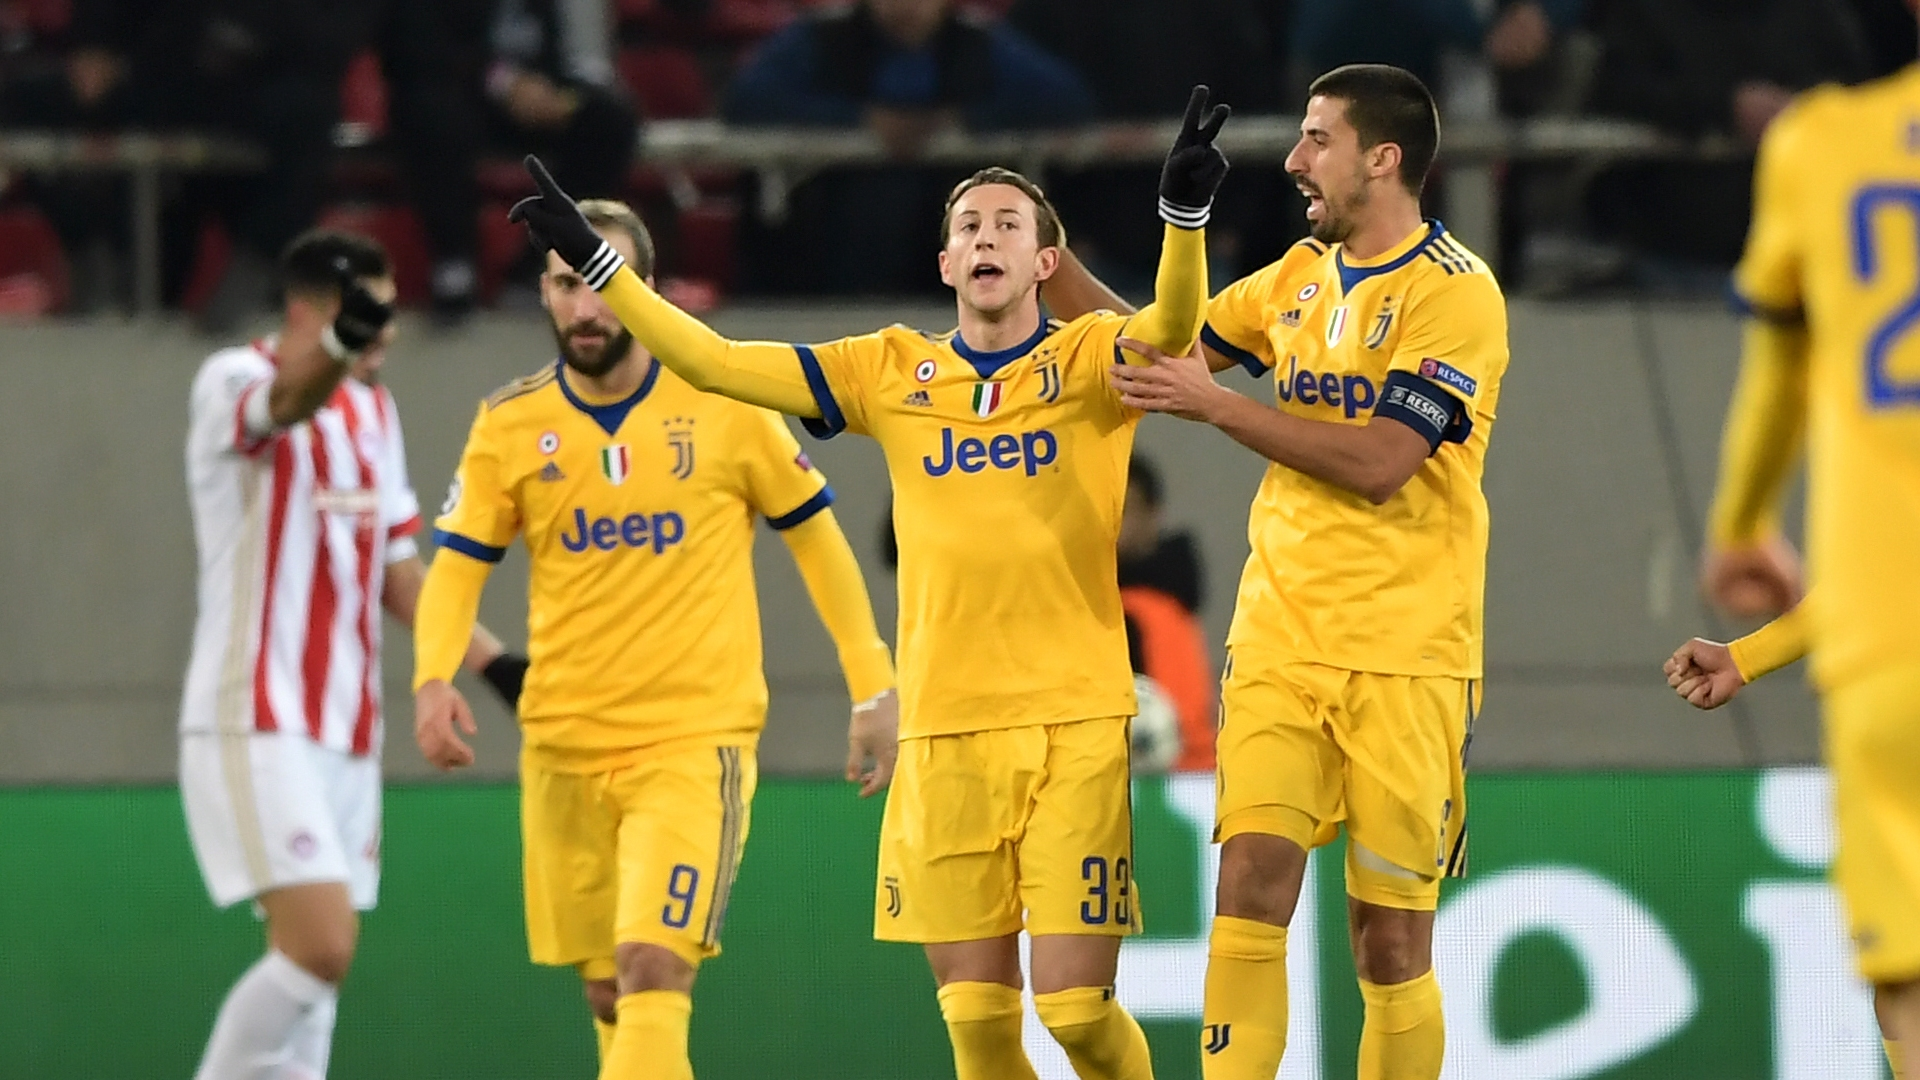 Federico Bernardeschi, Juventus